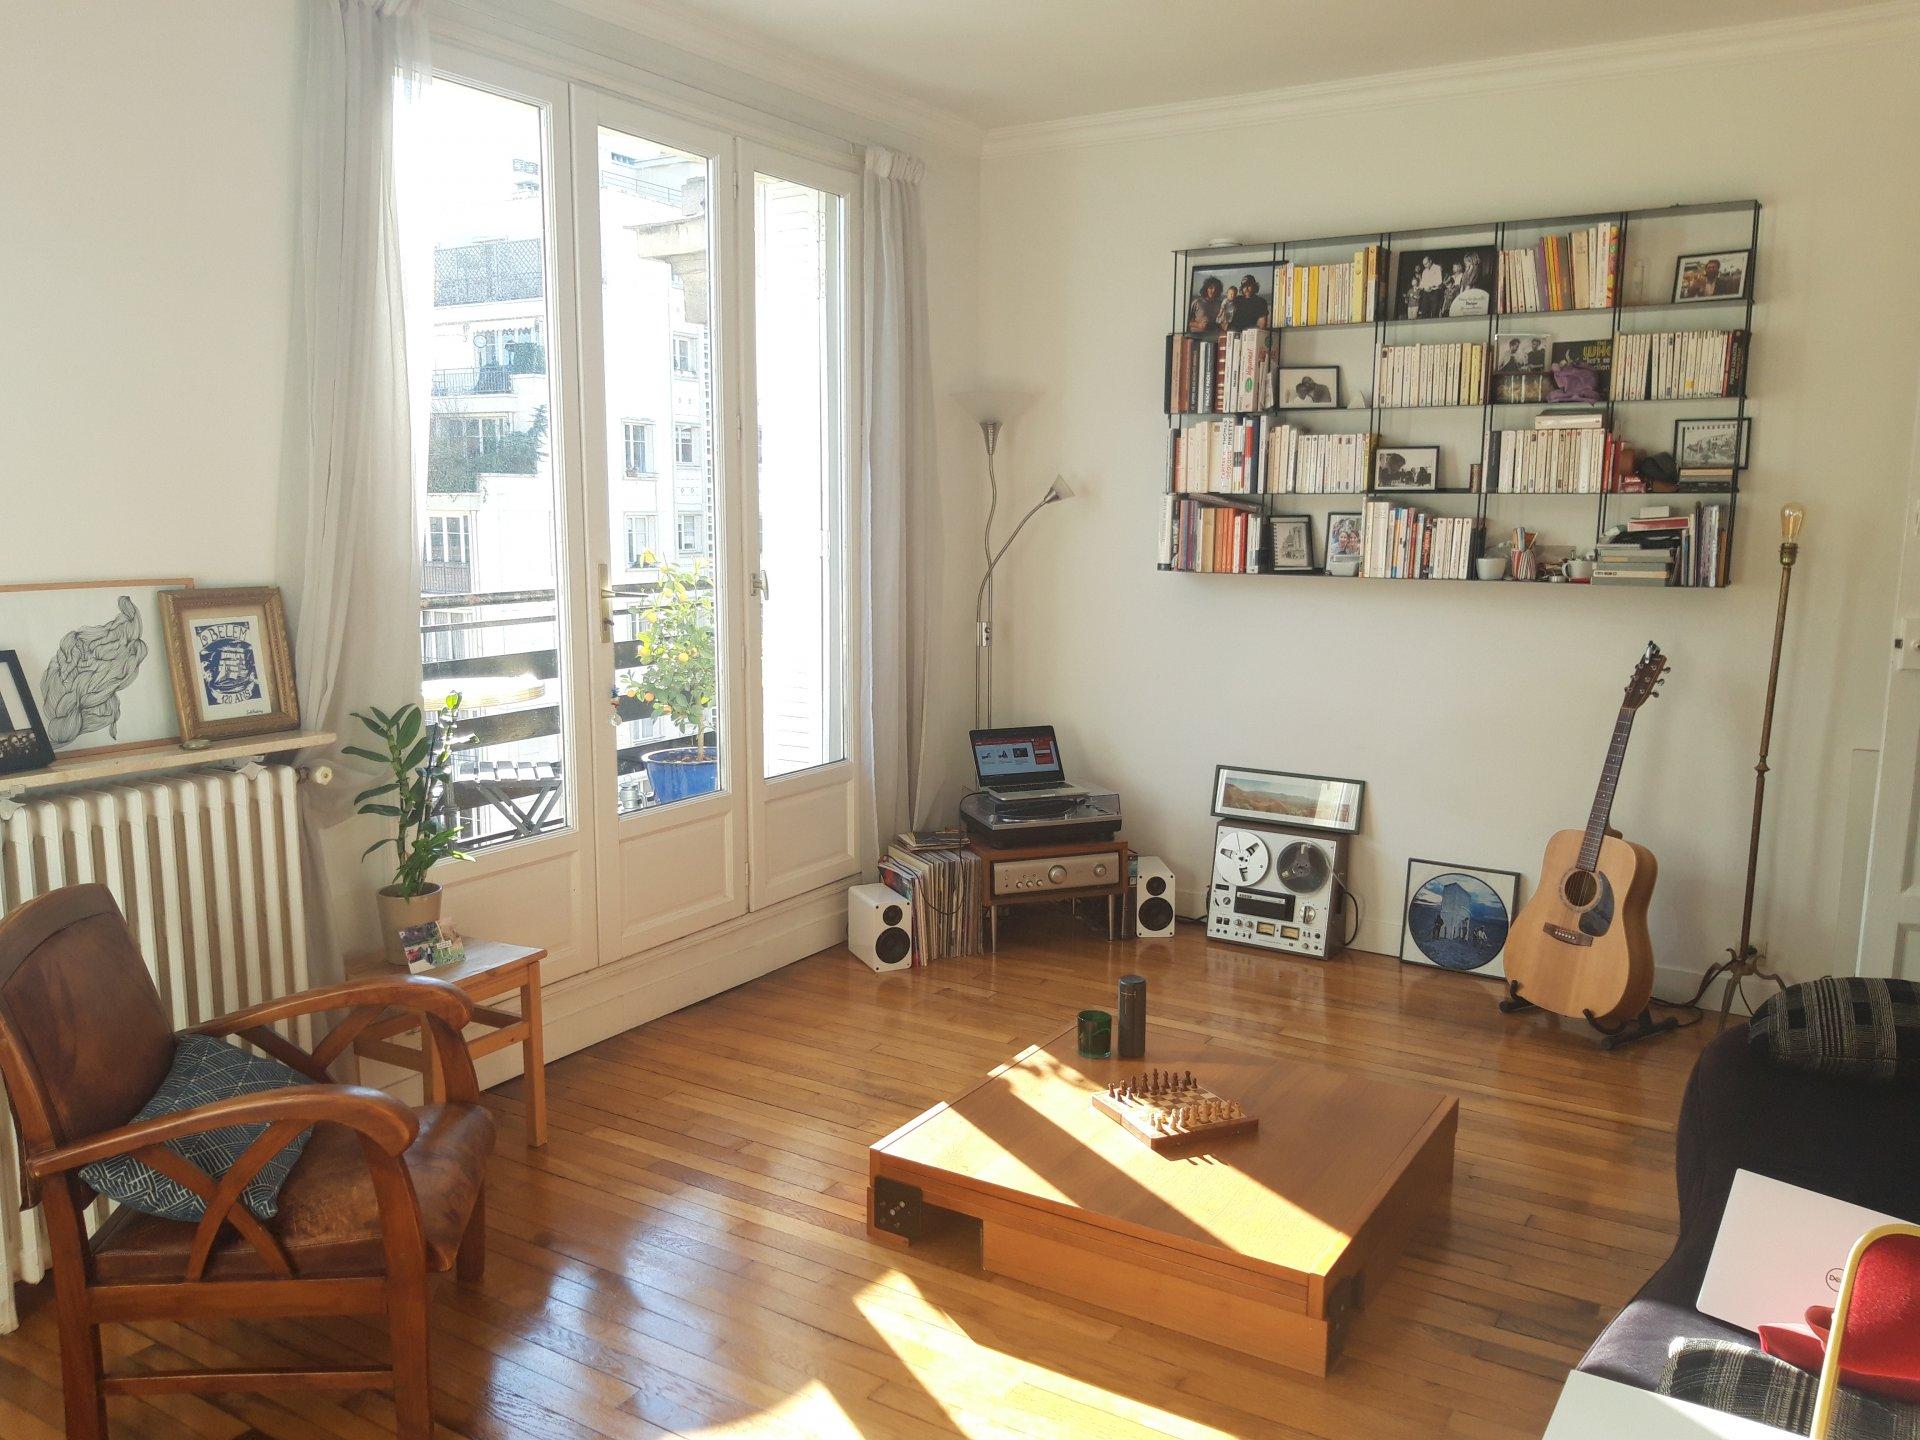 Sale Apartment - Paris 17th (Paris 17ème) Plaine-Monceau